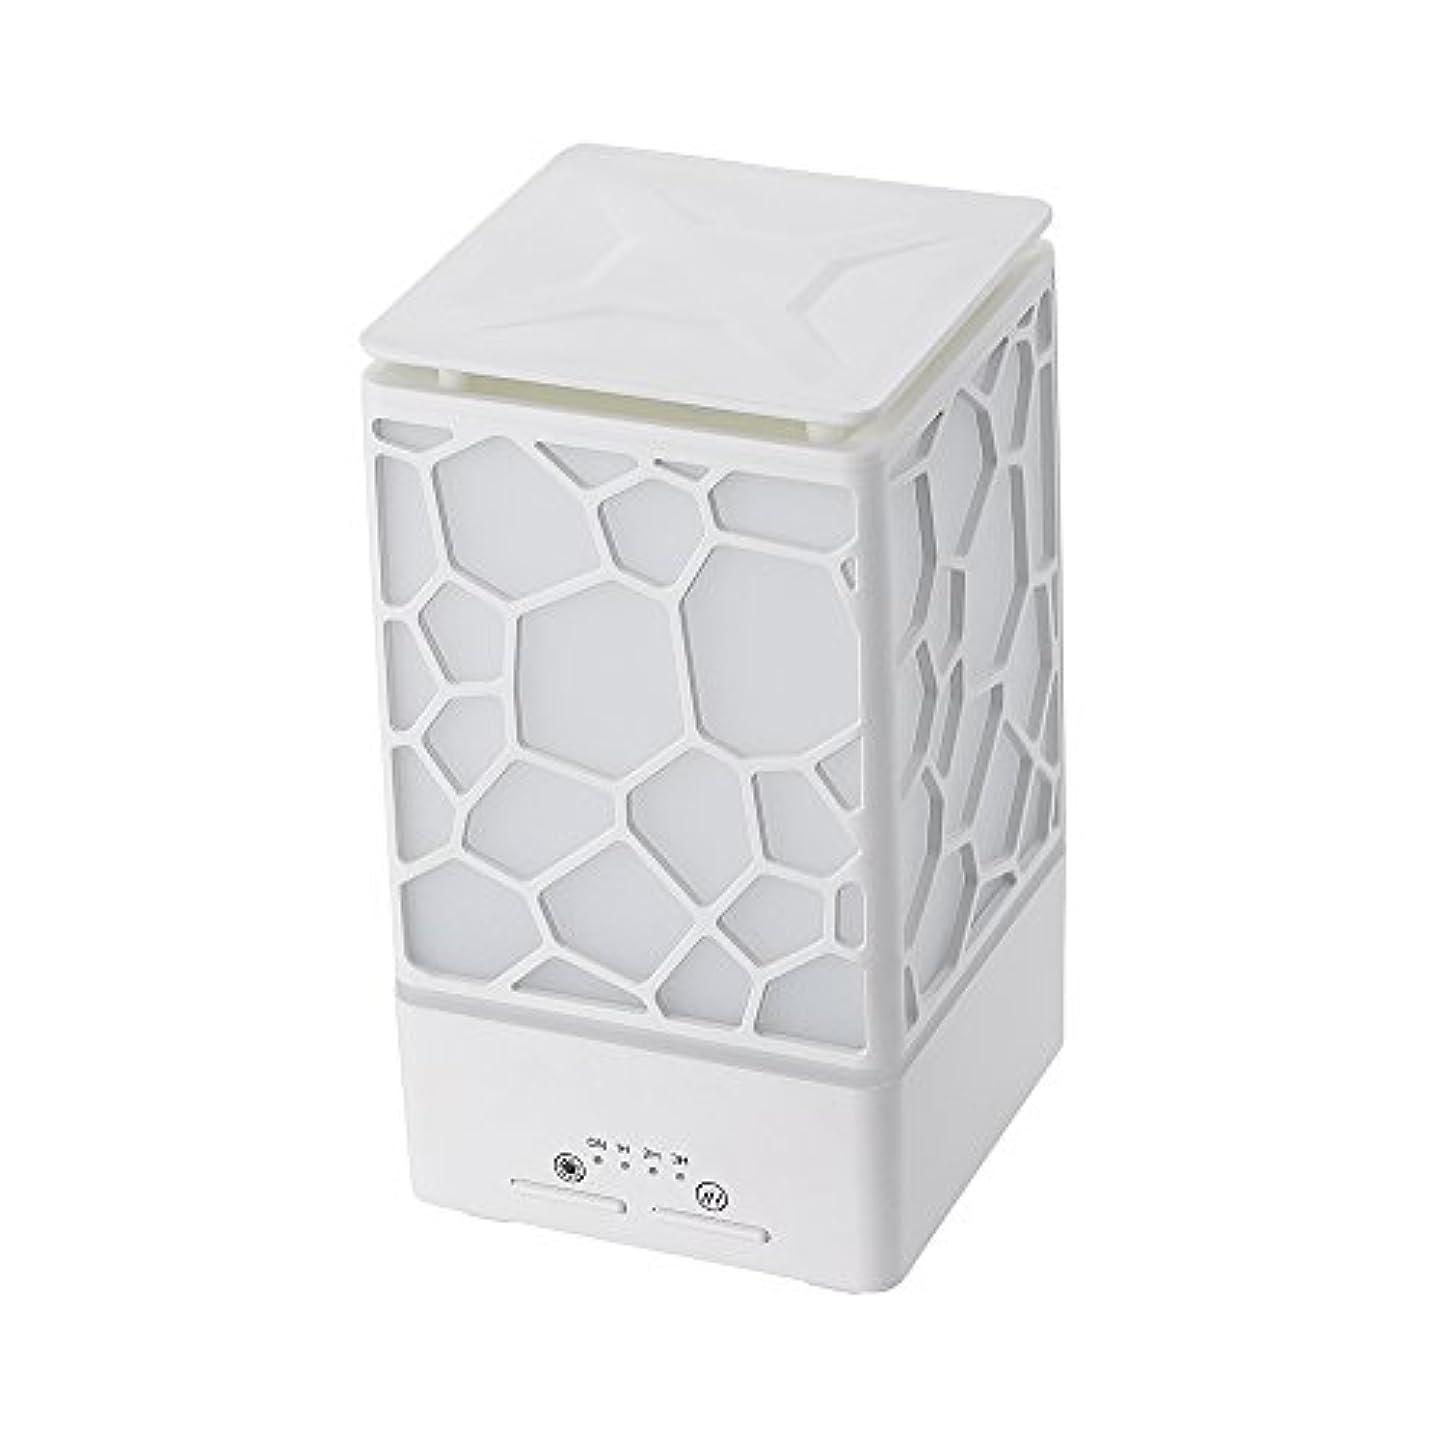 特性ゴージャス隣人200ミリリットルアロマオイルディフューザー、3つの作業モードでウッドグレインアロマオイルディフューザーウォーターレスオートオフ7色ledライト,White